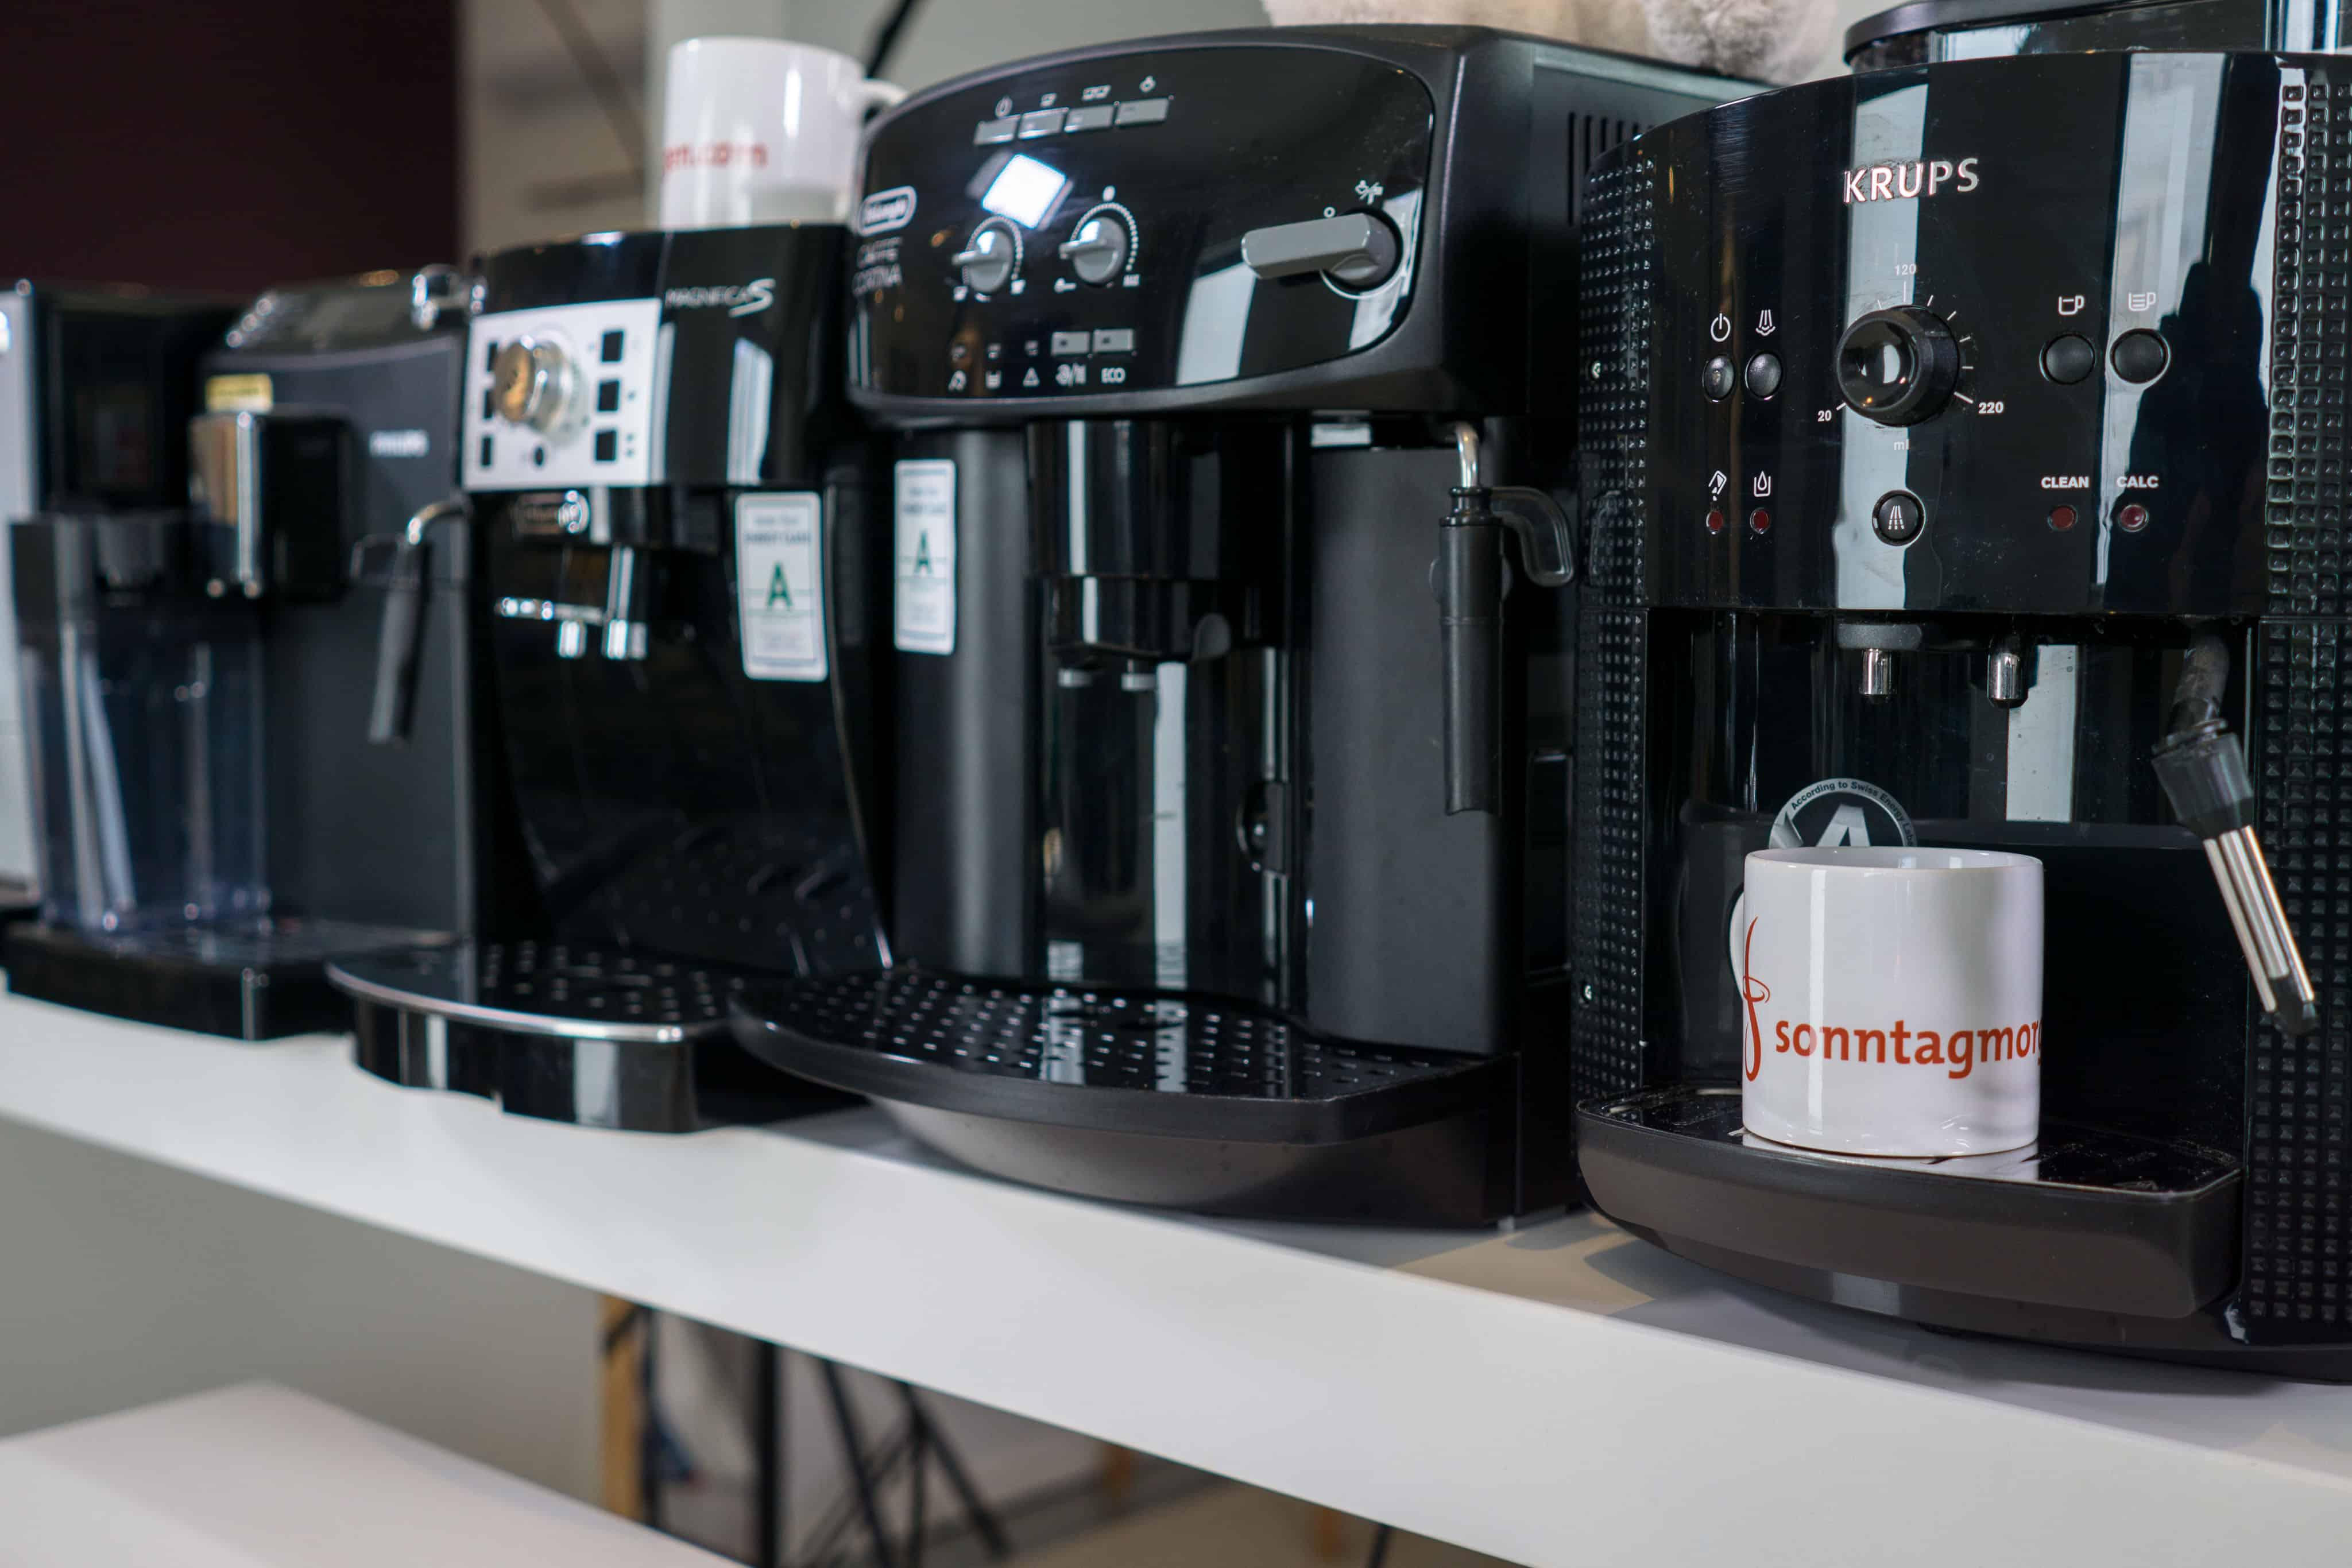 Kaffeevollautomat für Firmen 2021: So finden Sie das passende Modell